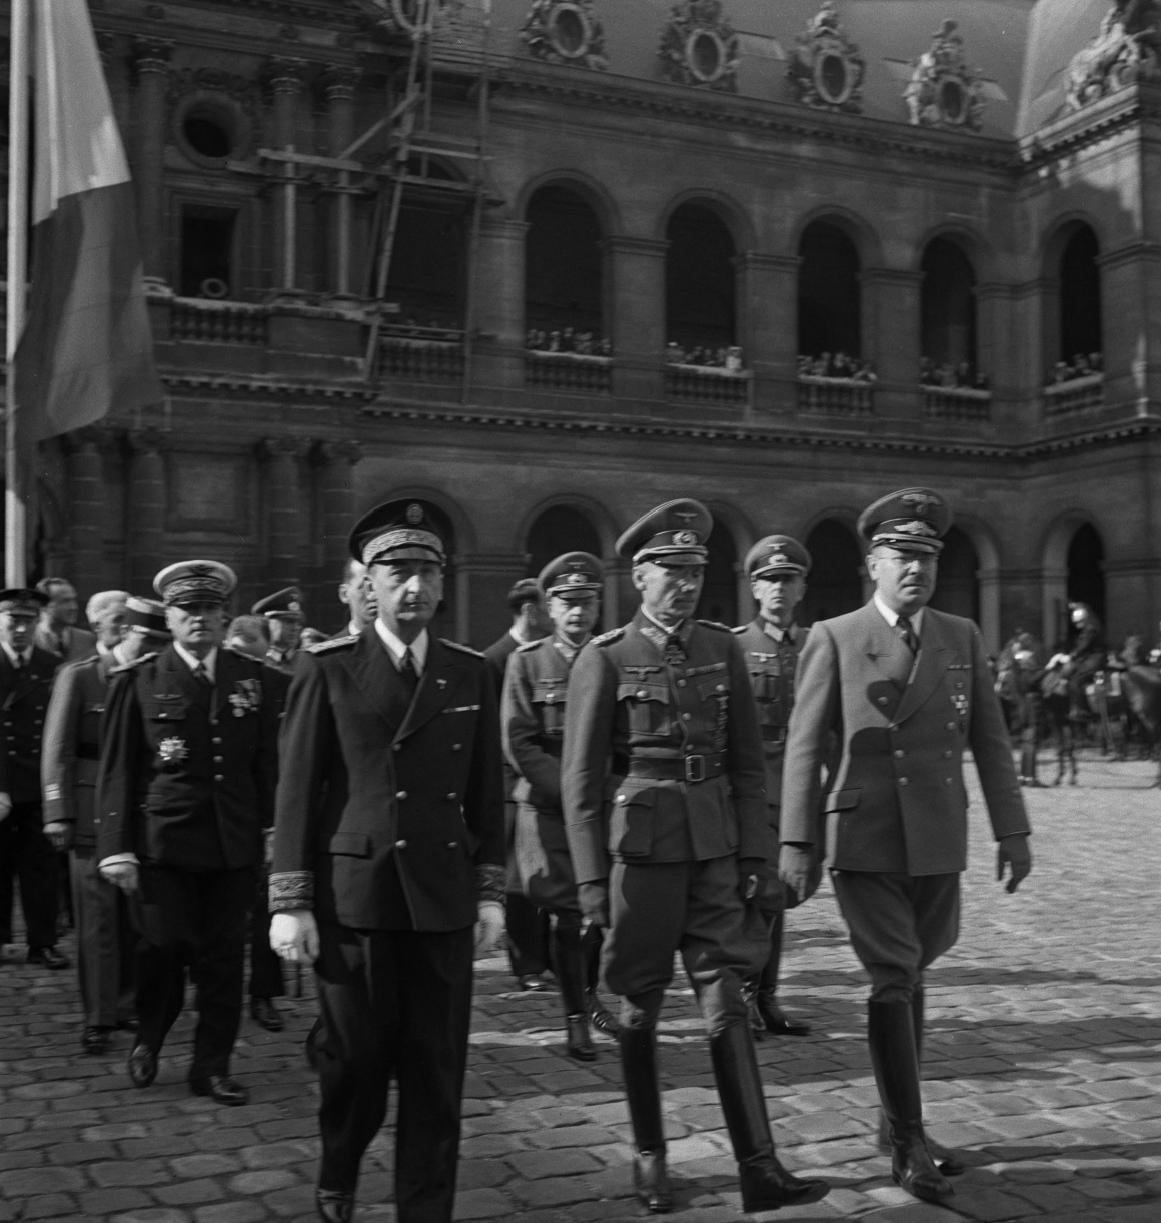 07. Выход из церкви французских и немецких гражданских и военных деятелей